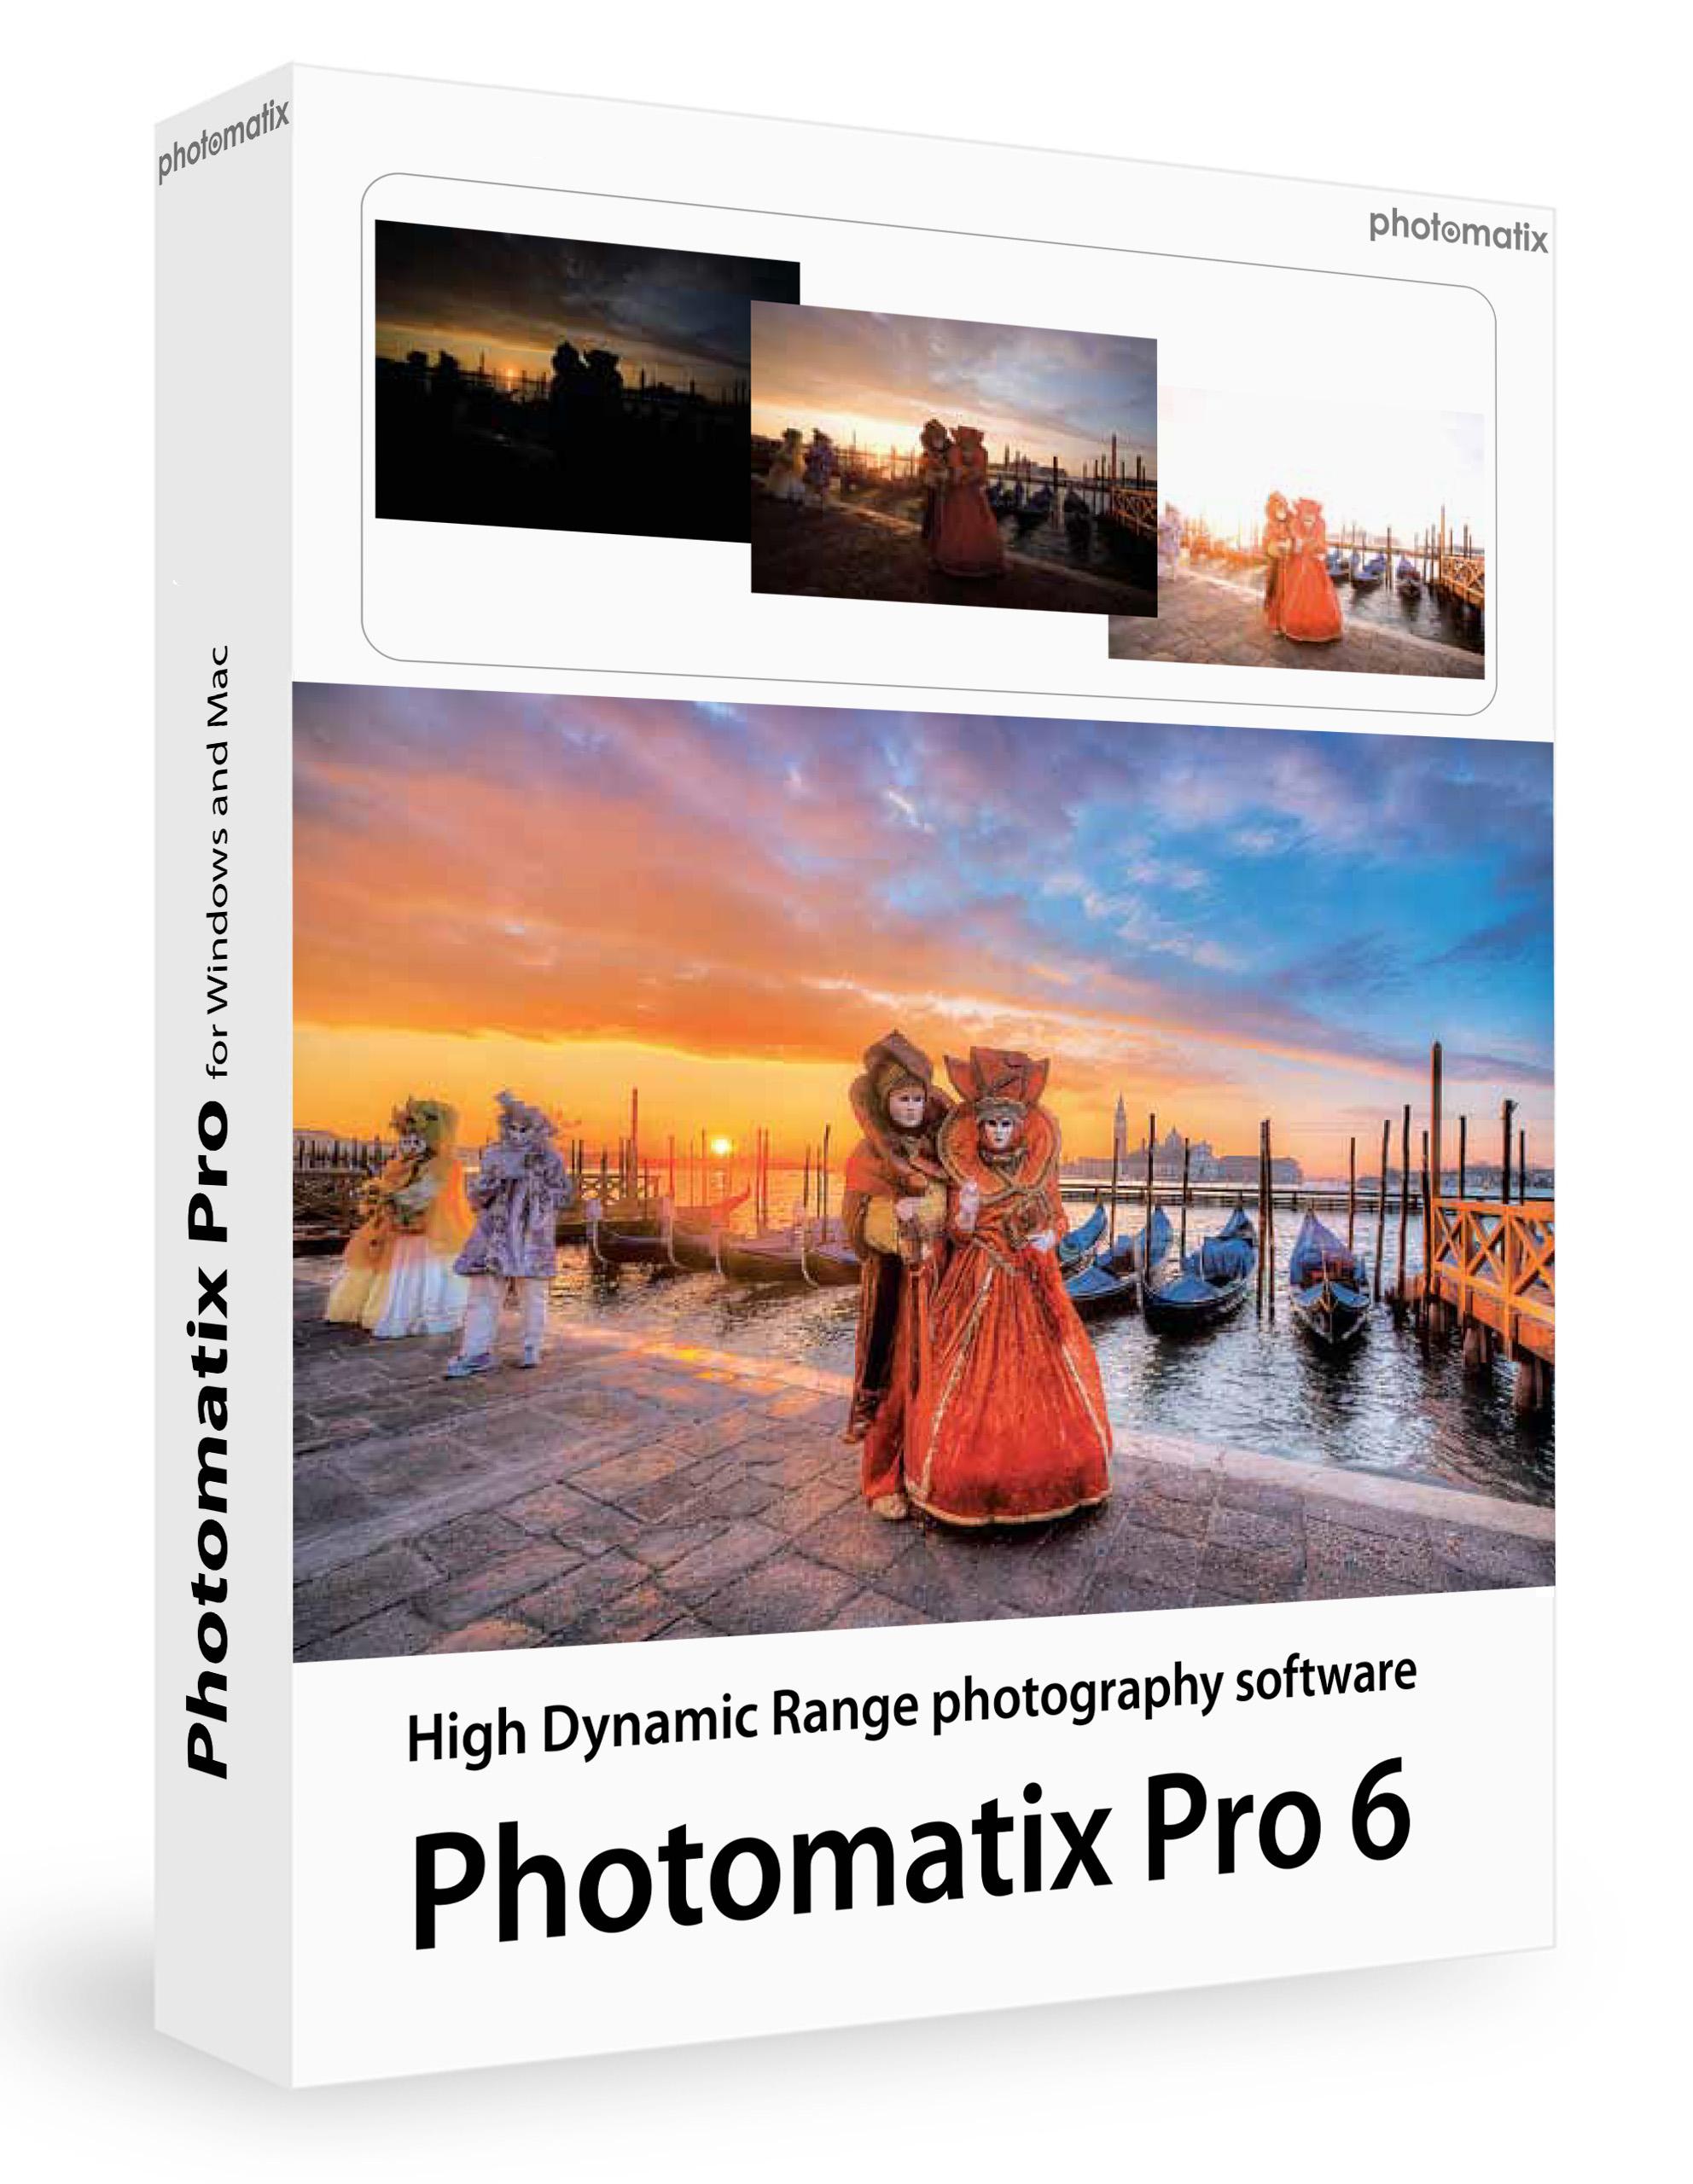 box shot photomatix pro 6 1984x2560 image